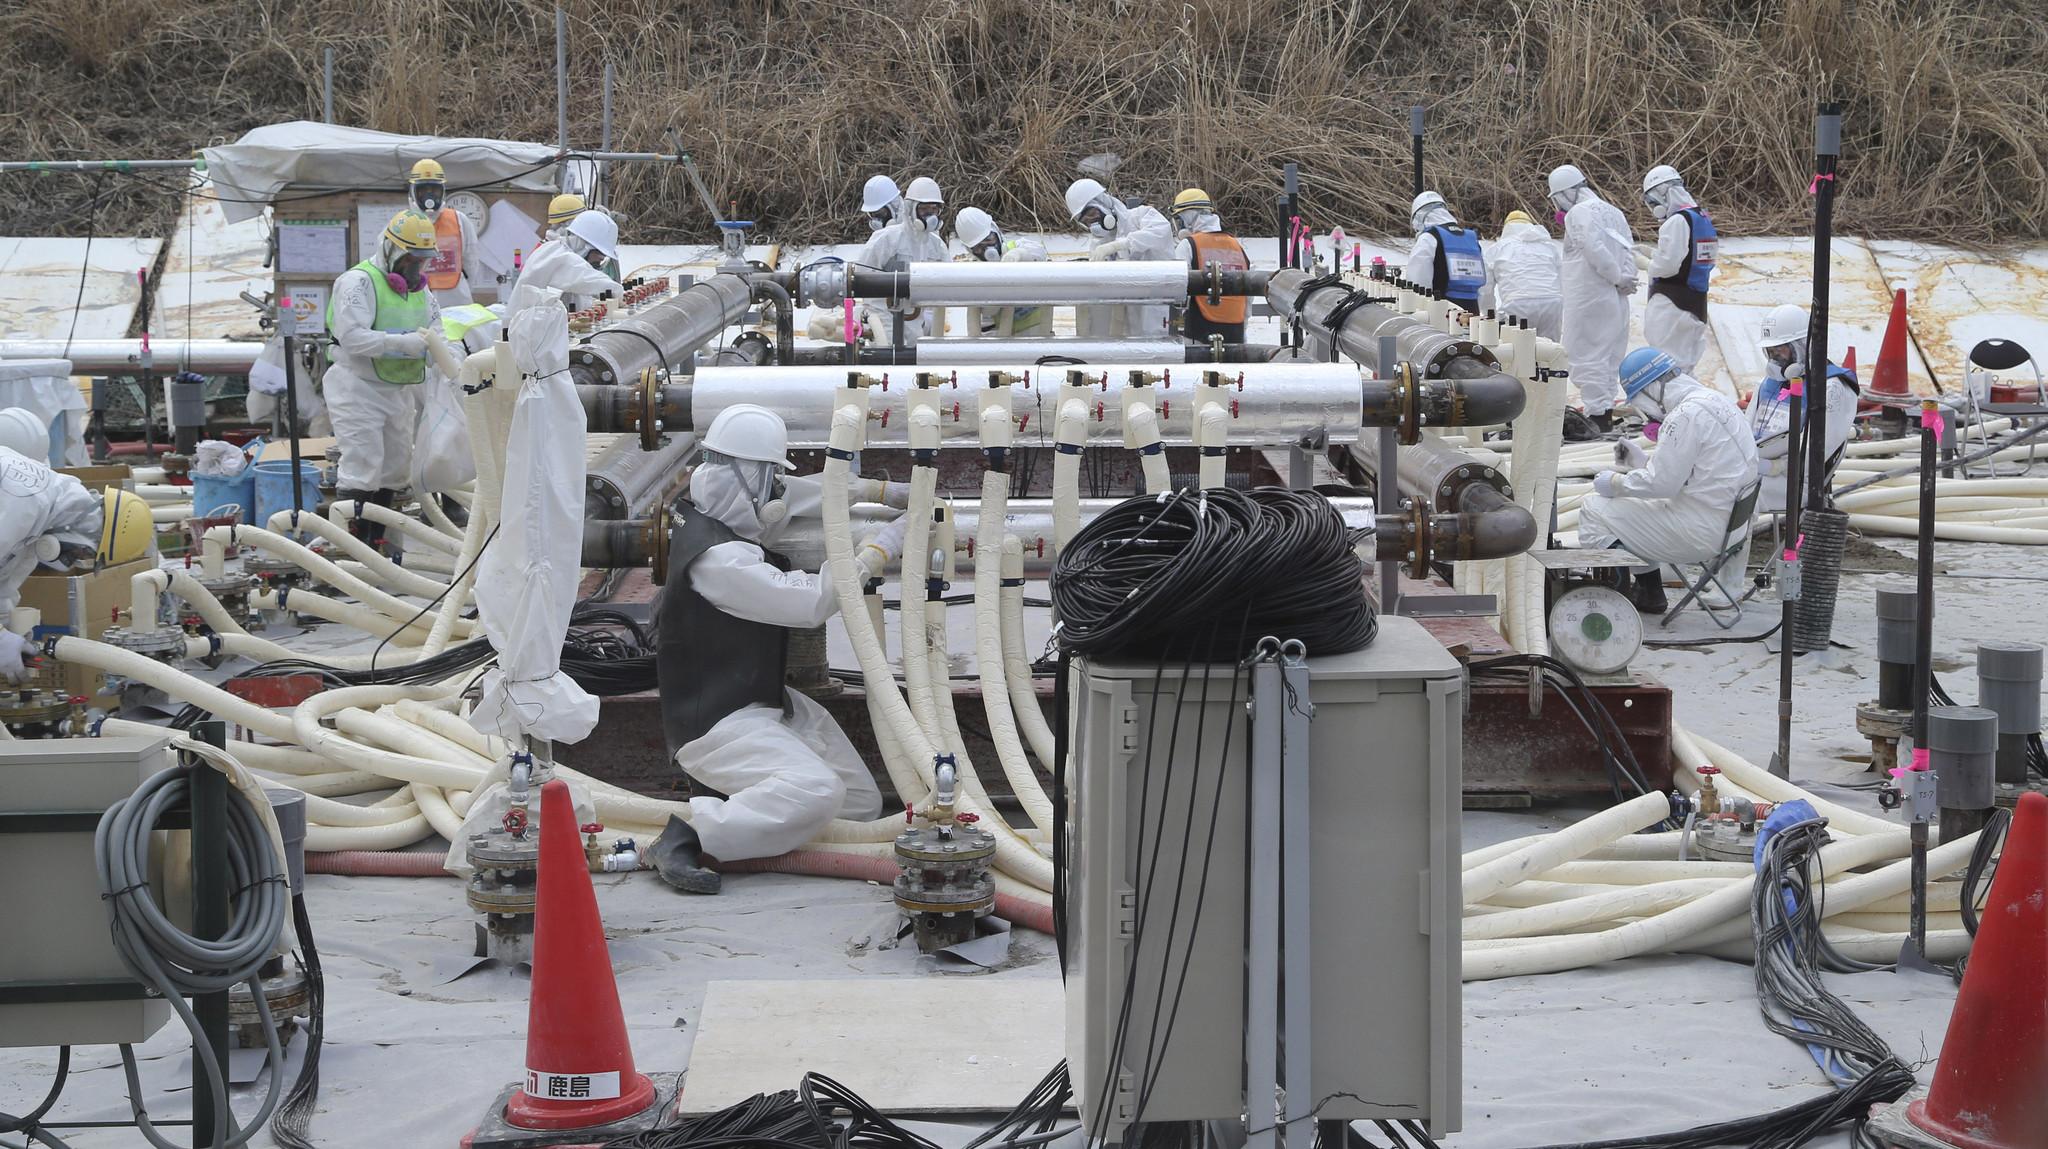 Japan regulators OK ice wall at Fukushima plant in bid to contain radioactive water